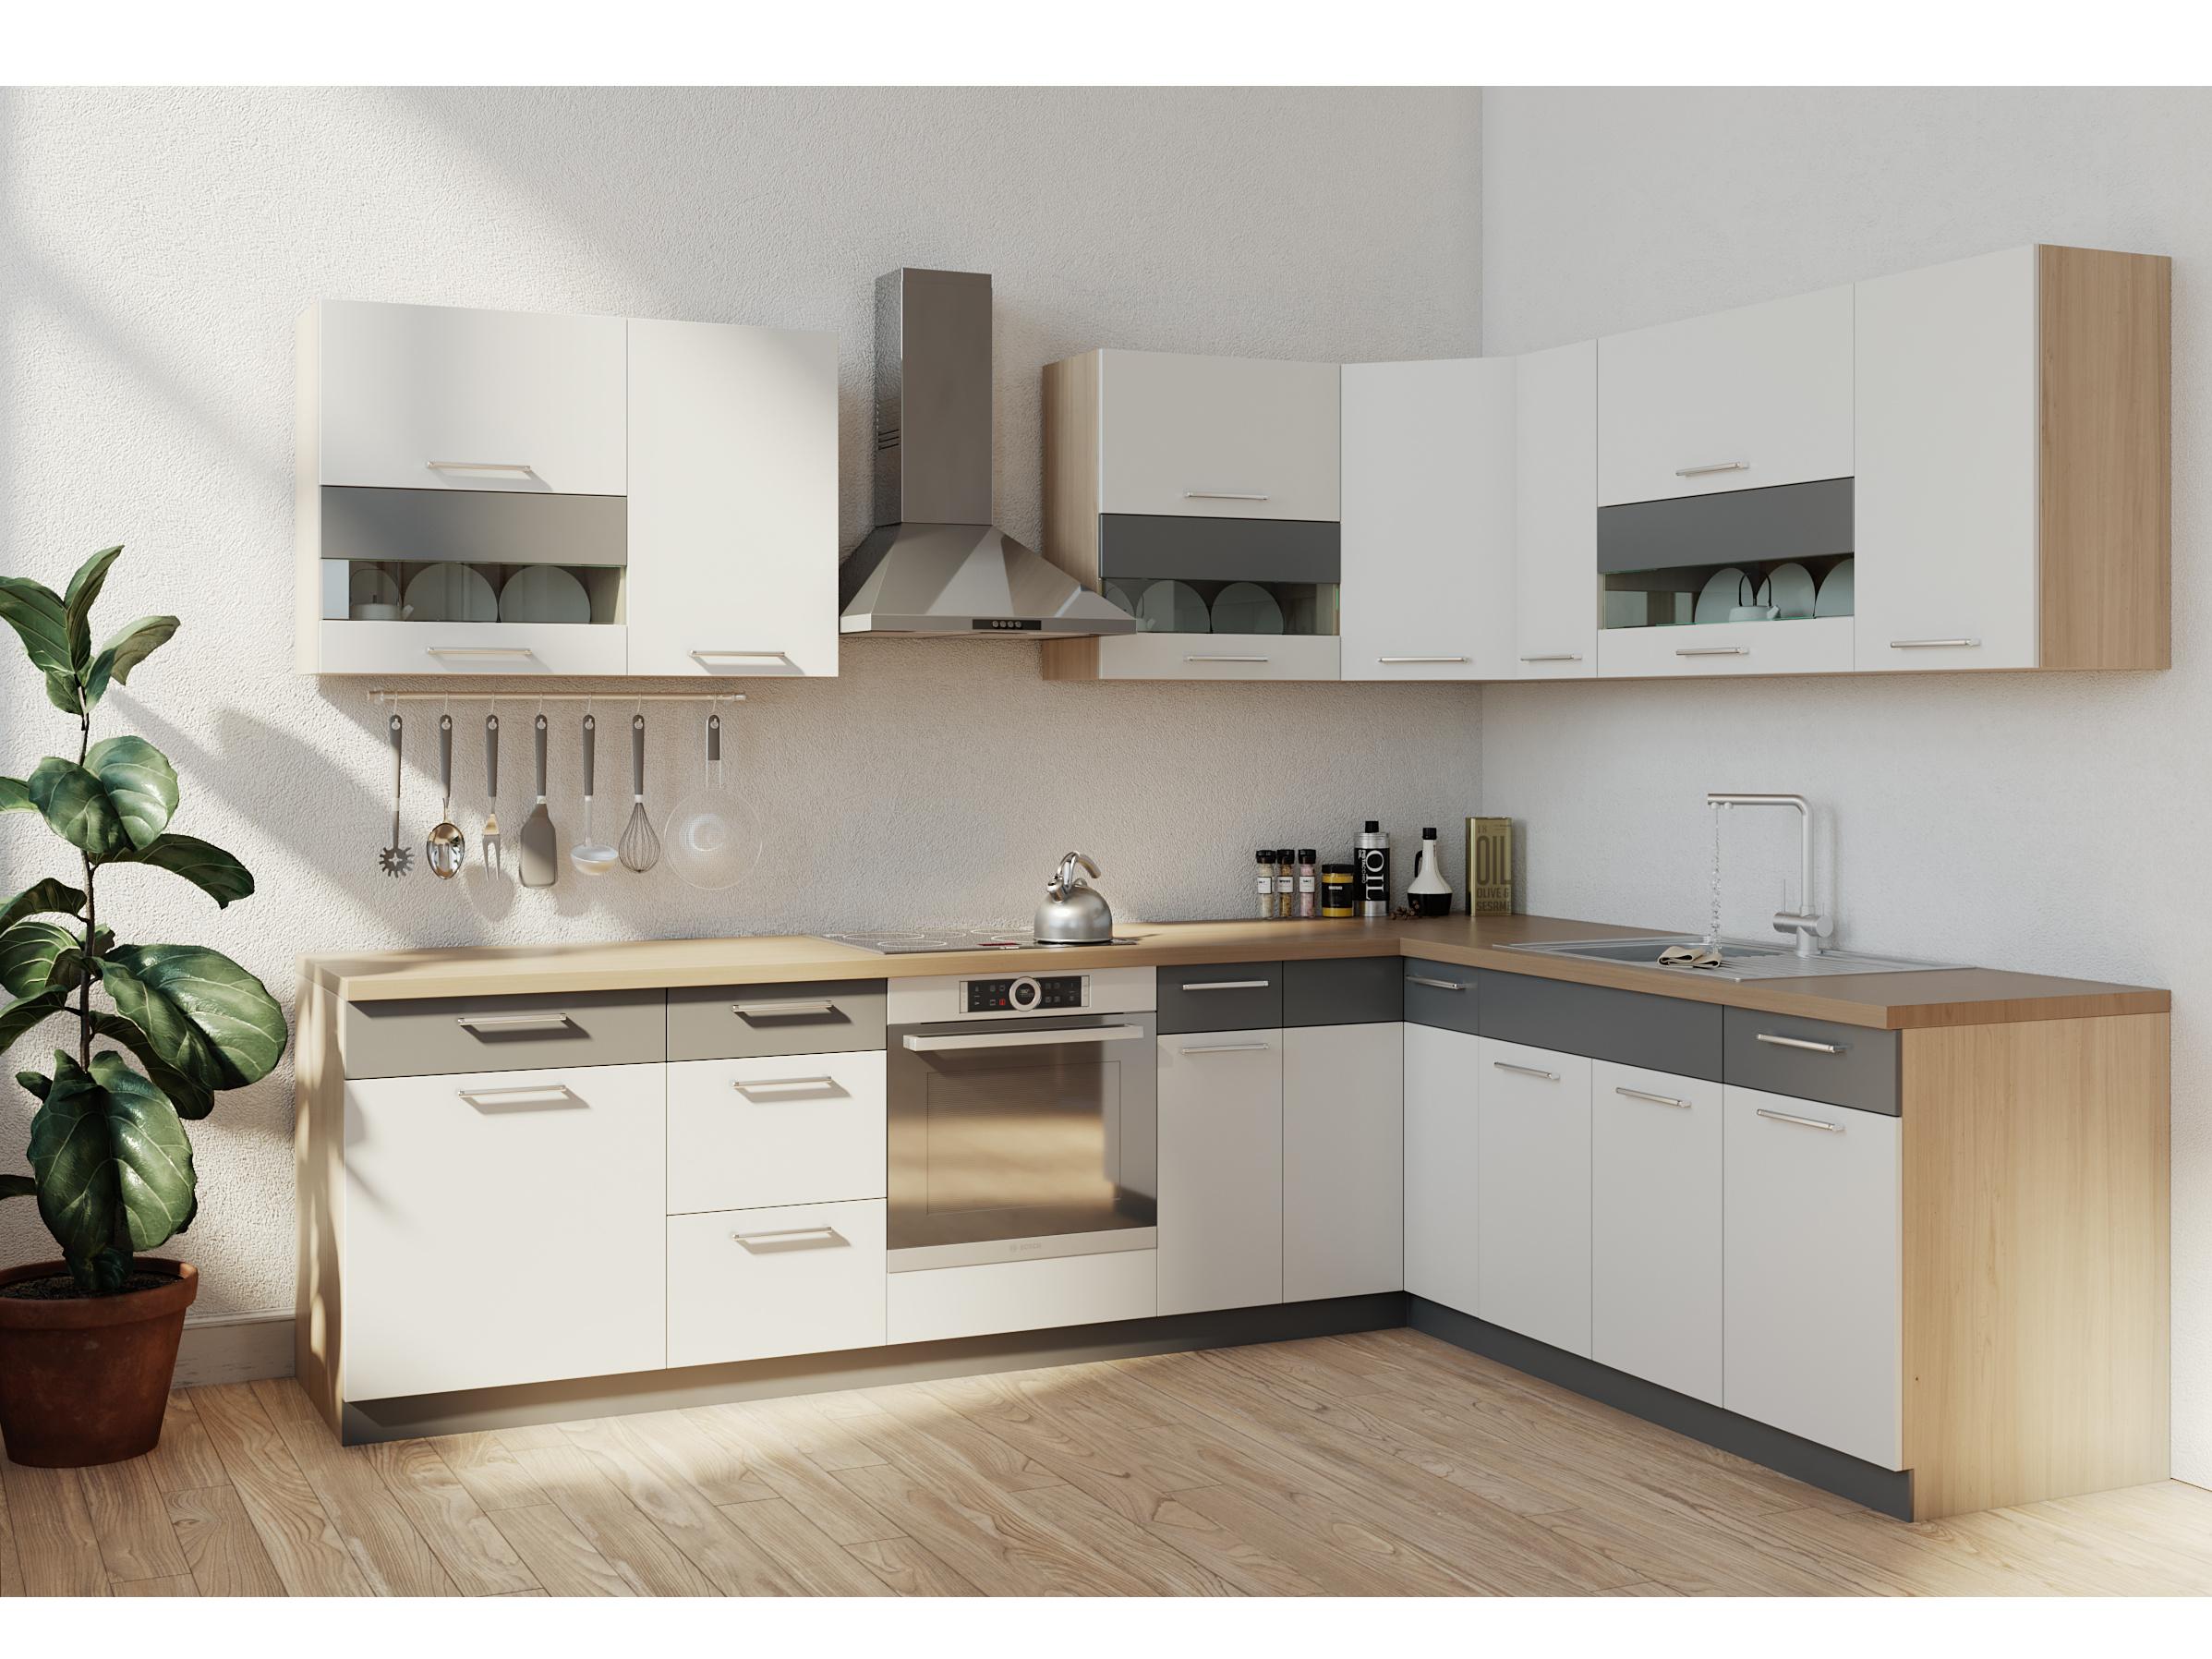 Rohová kuchyně MODENA 285x210, bílý lesk/grafit mat